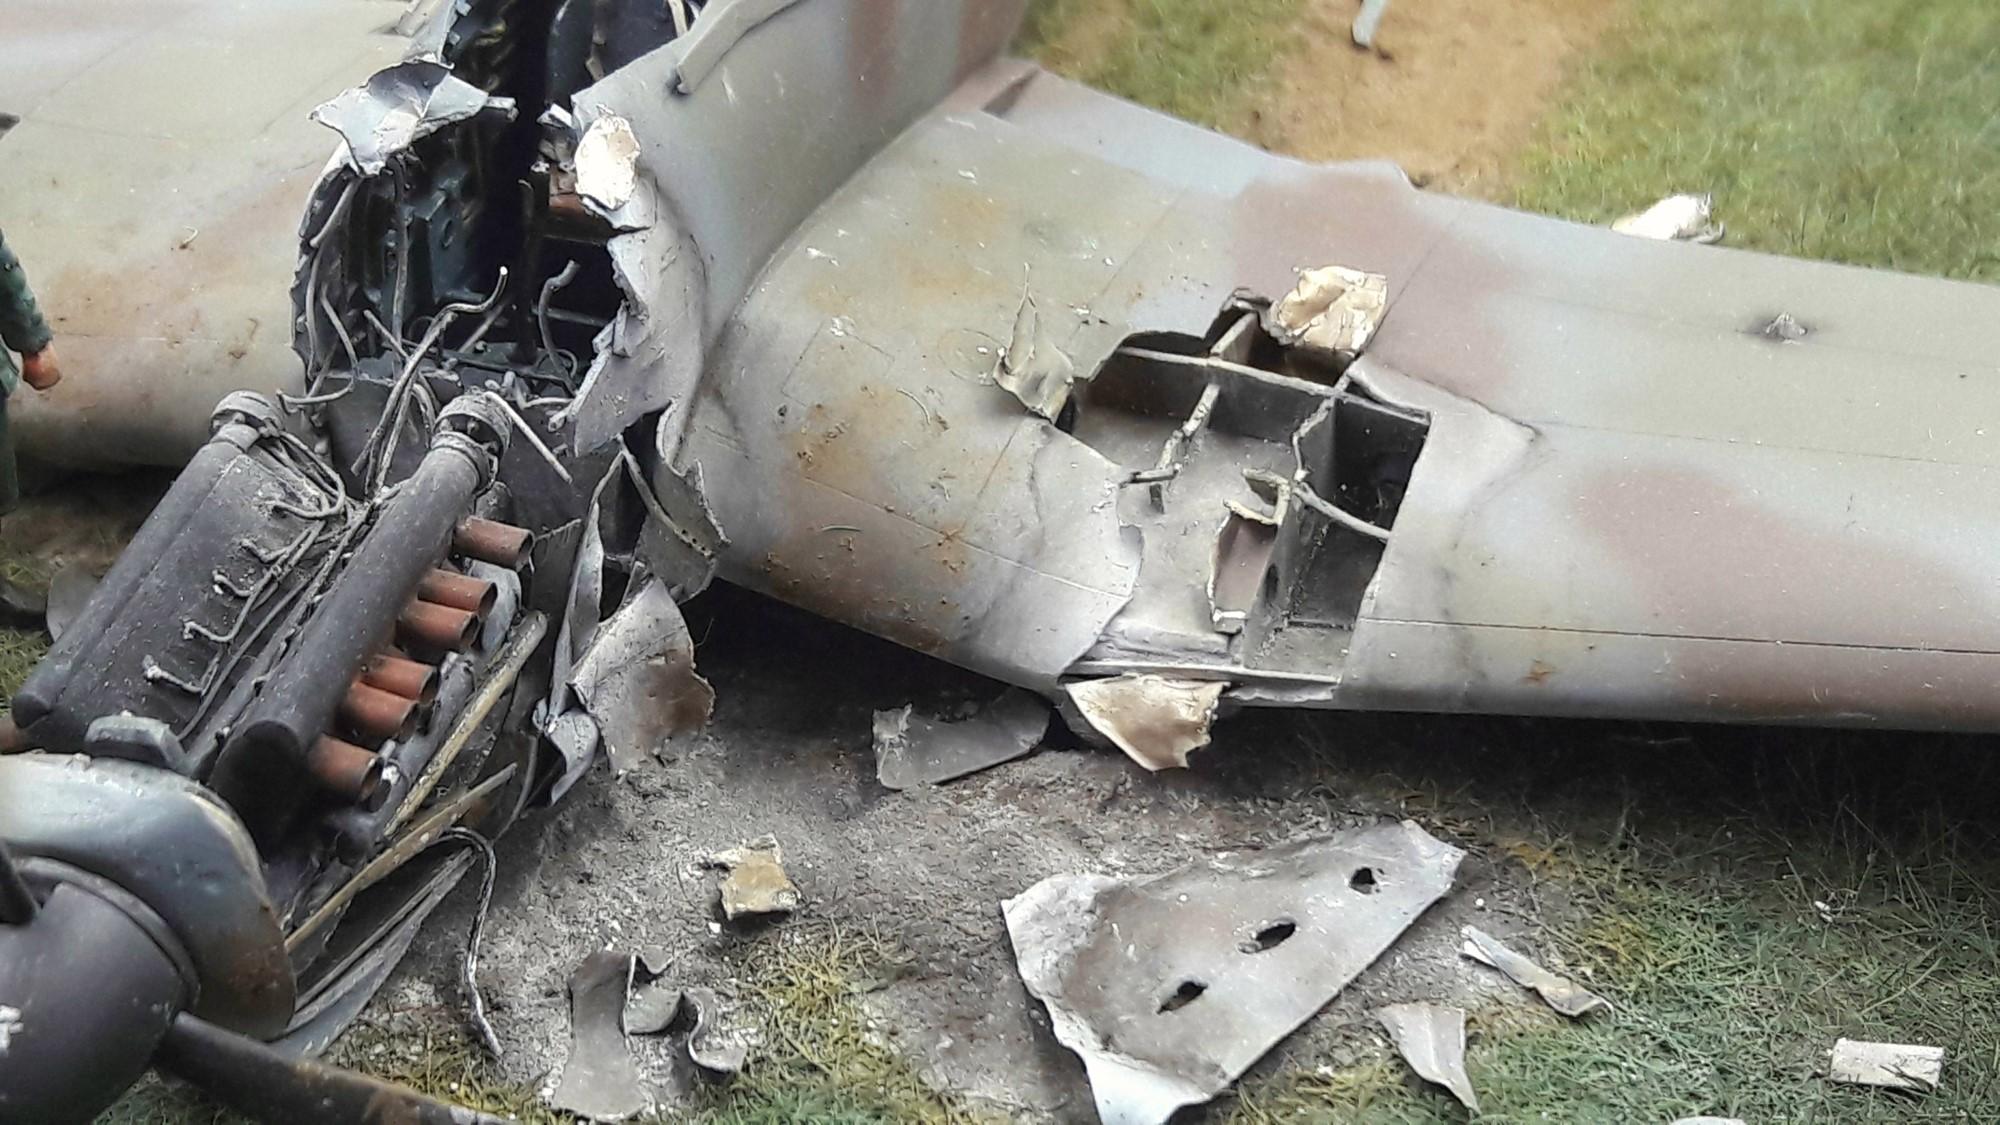 [Concours Aéronavale] Loire Nieuport 401/411 -  Special hobby 1/48 - crash à Villereau -le sacrifice des marins aviateurs du 19 mai 1940 - Mission Berlaimont  Image496